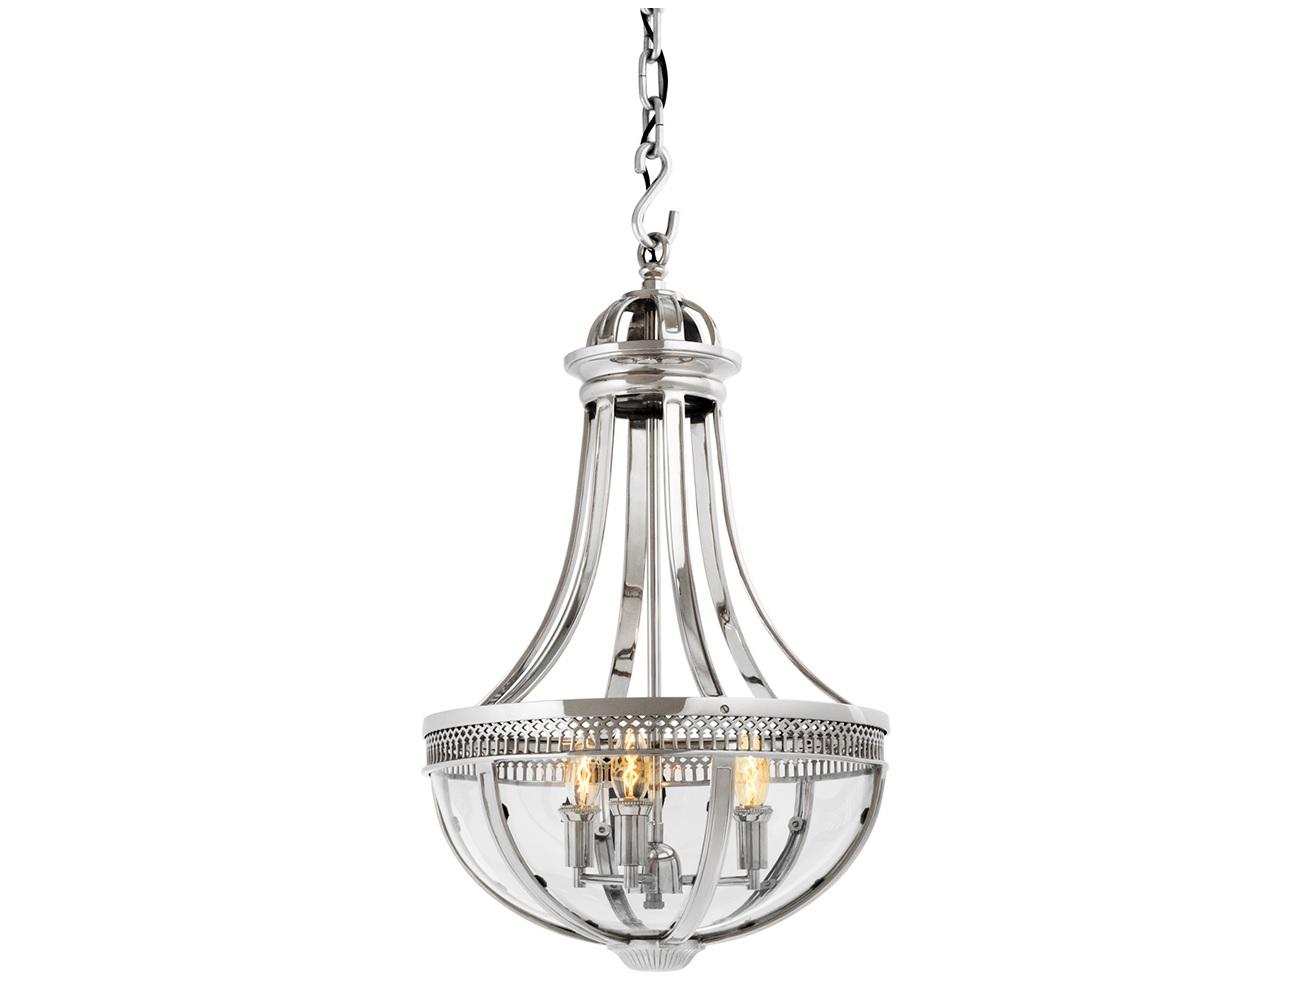 Подвесной светильник Capitol HillПодвесные светильники<br>Подвесной светильник-латерна Capitol Hill S с оригинальным дизайном выполнен из никелированного металла. Нижняя часть плафона из прозрачного стекла. Высота светильника регулируется за счет звеньев цепи.&amp;lt;div&amp;gt;&amp;lt;br&amp;gt;&amp;lt;/div&amp;gt;&amp;lt;div&amp;gt;&amp;lt;div&amp;gt;&amp;lt;div&amp;gt;Вид цоколя: E14&amp;lt;/div&amp;gt;&amp;lt;div&amp;gt;Мощность лампы: 40W&amp;lt;/div&amp;gt;&amp;lt;div&amp;gt;Количество ламп: 3&amp;lt;/div&amp;gt;&amp;lt;/div&amp;gt;&amp;lt;/div&amp;gt;&amp;lt;div&amp;gt;&amp;lt;br&amp;gt;&amp;lt;/div&amp;gt;&amp;lt;div&amp;gt;Лампочки в комплект не входят.&amp;lt;/div&amp;gt;<br><br>Material: Металл<br>Ширина см: 42<br>Высота см: 67<br>Глубина см: 42